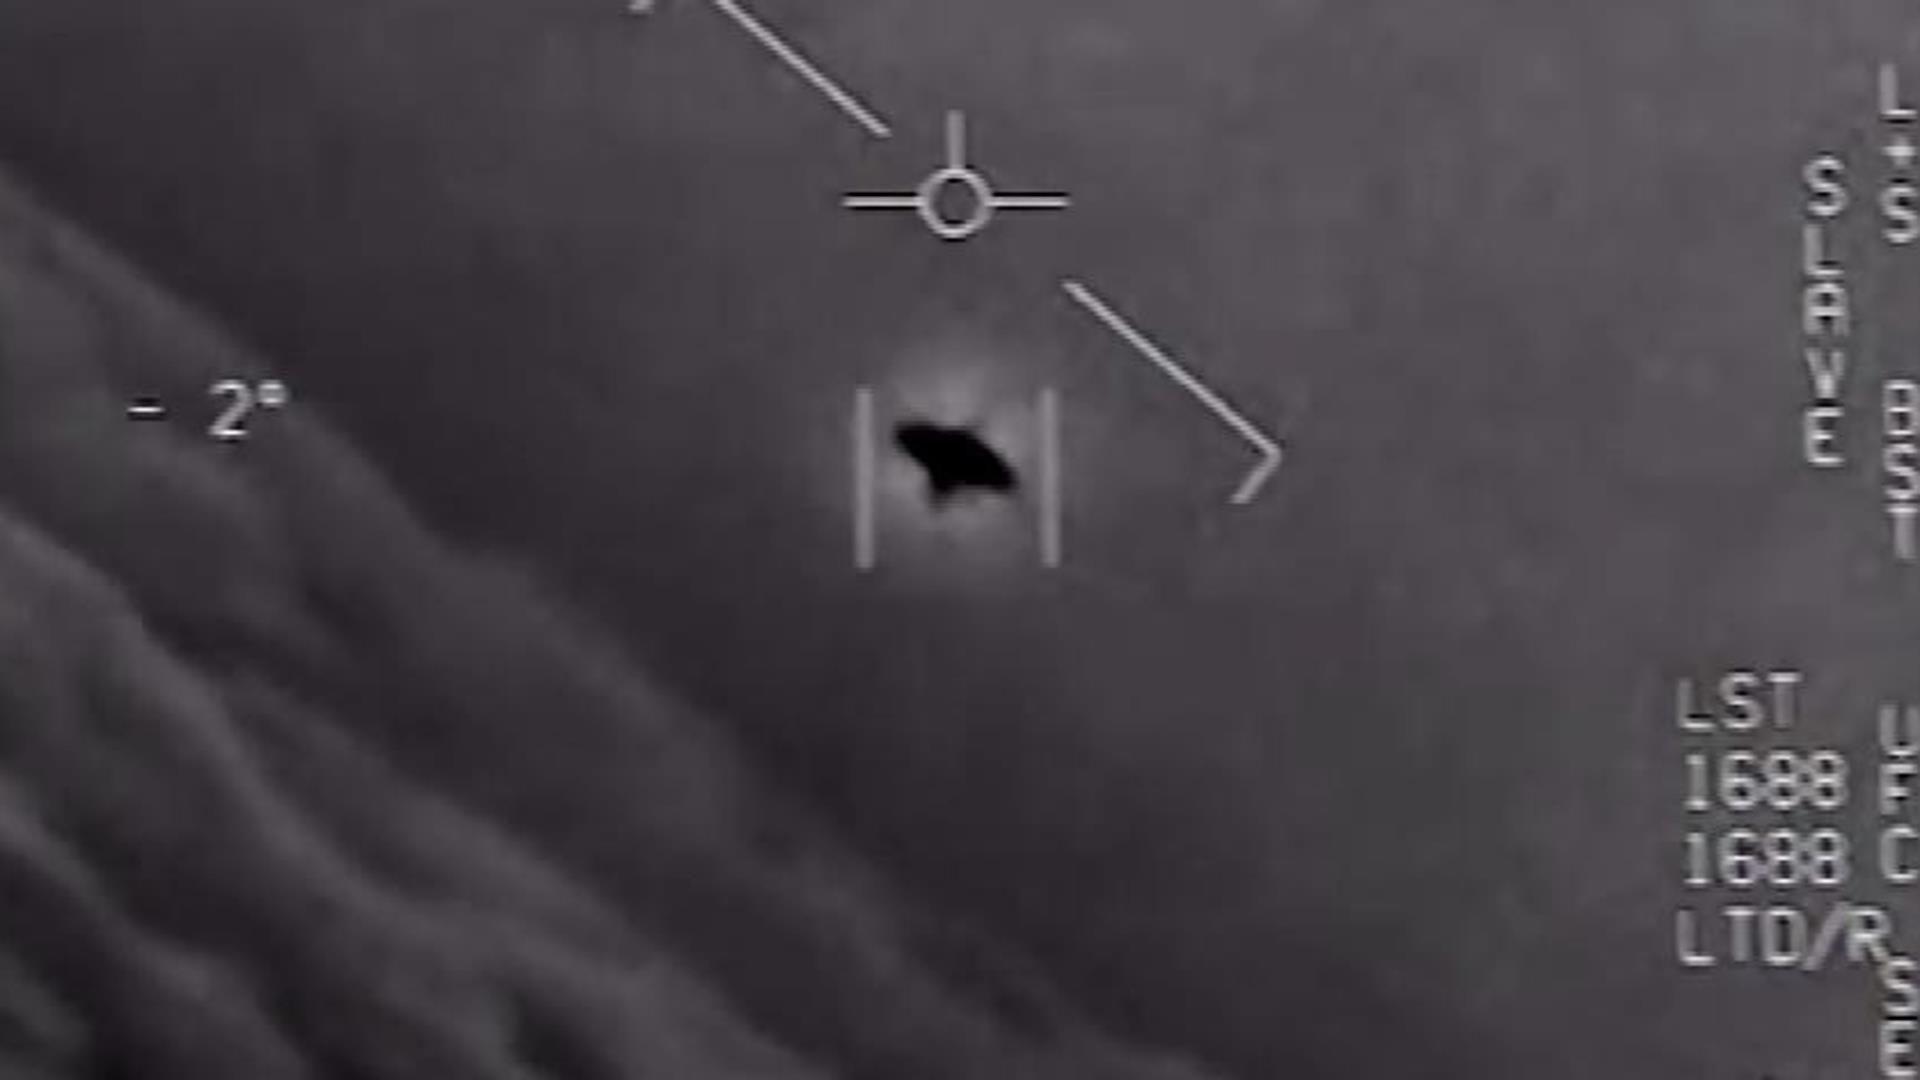 El fenómeno OVNI y alienígenas